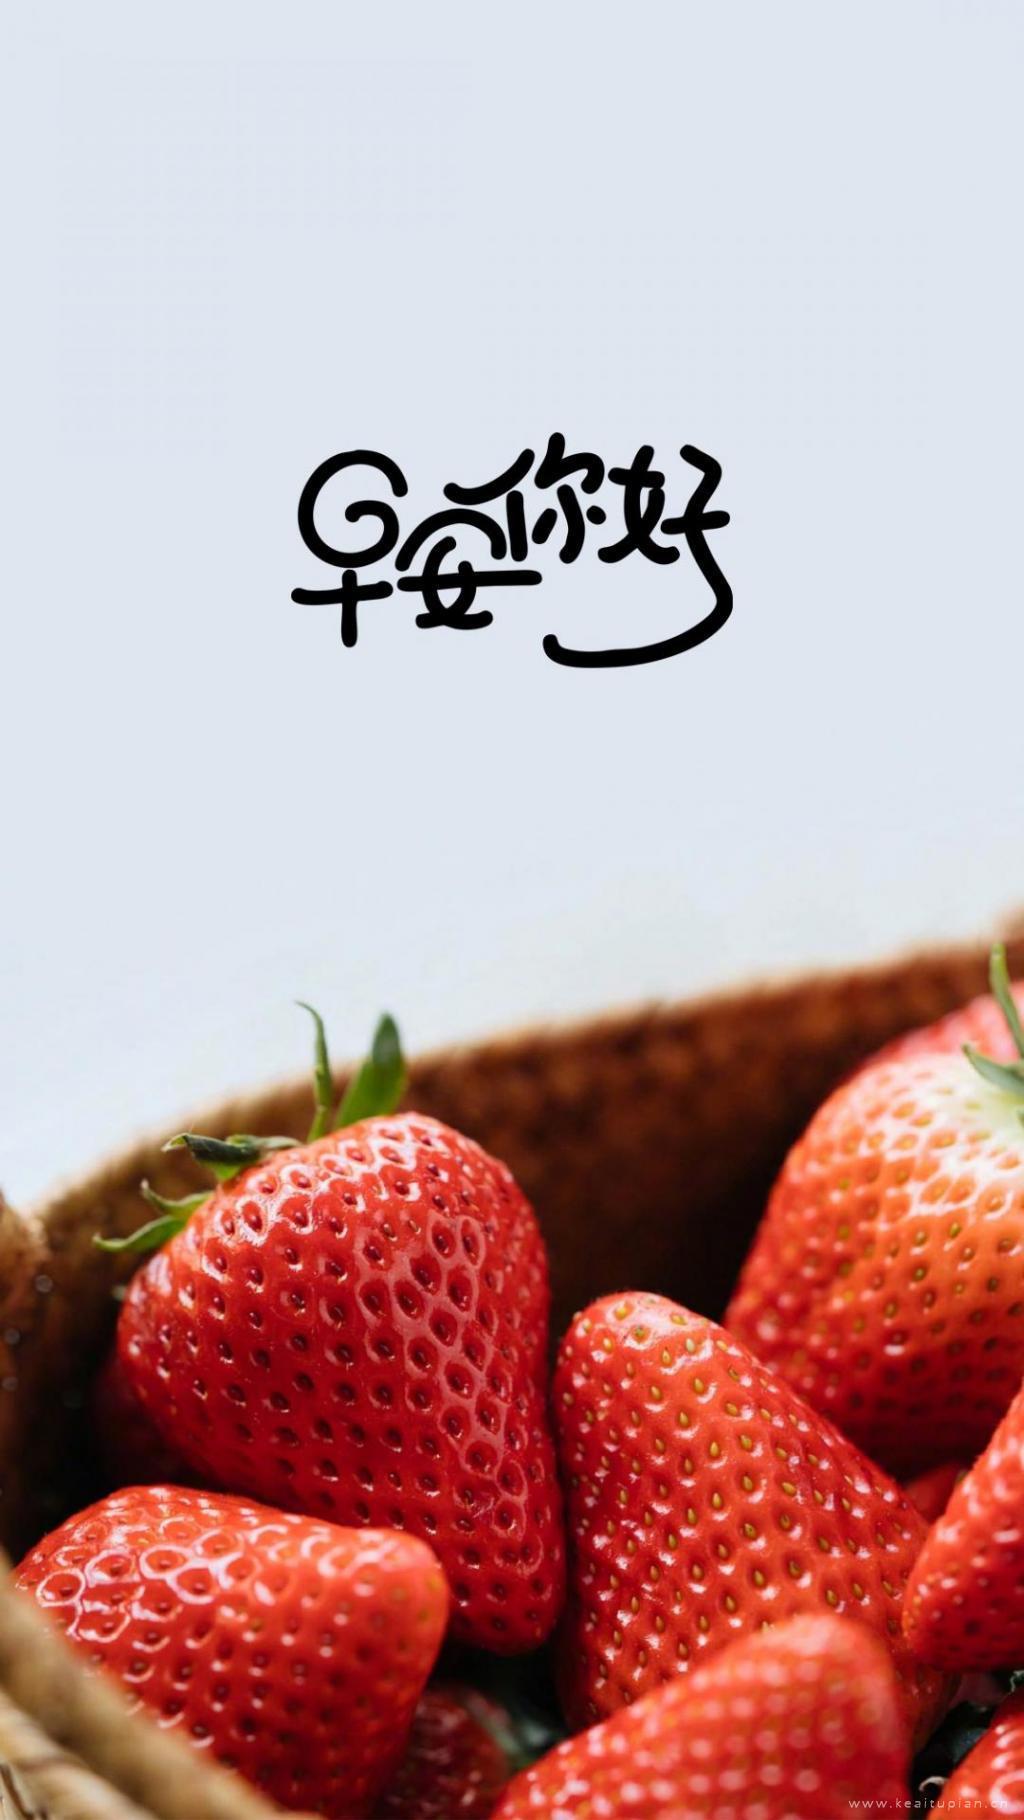 早安你好甜味草莓小清新手机壁纸图片